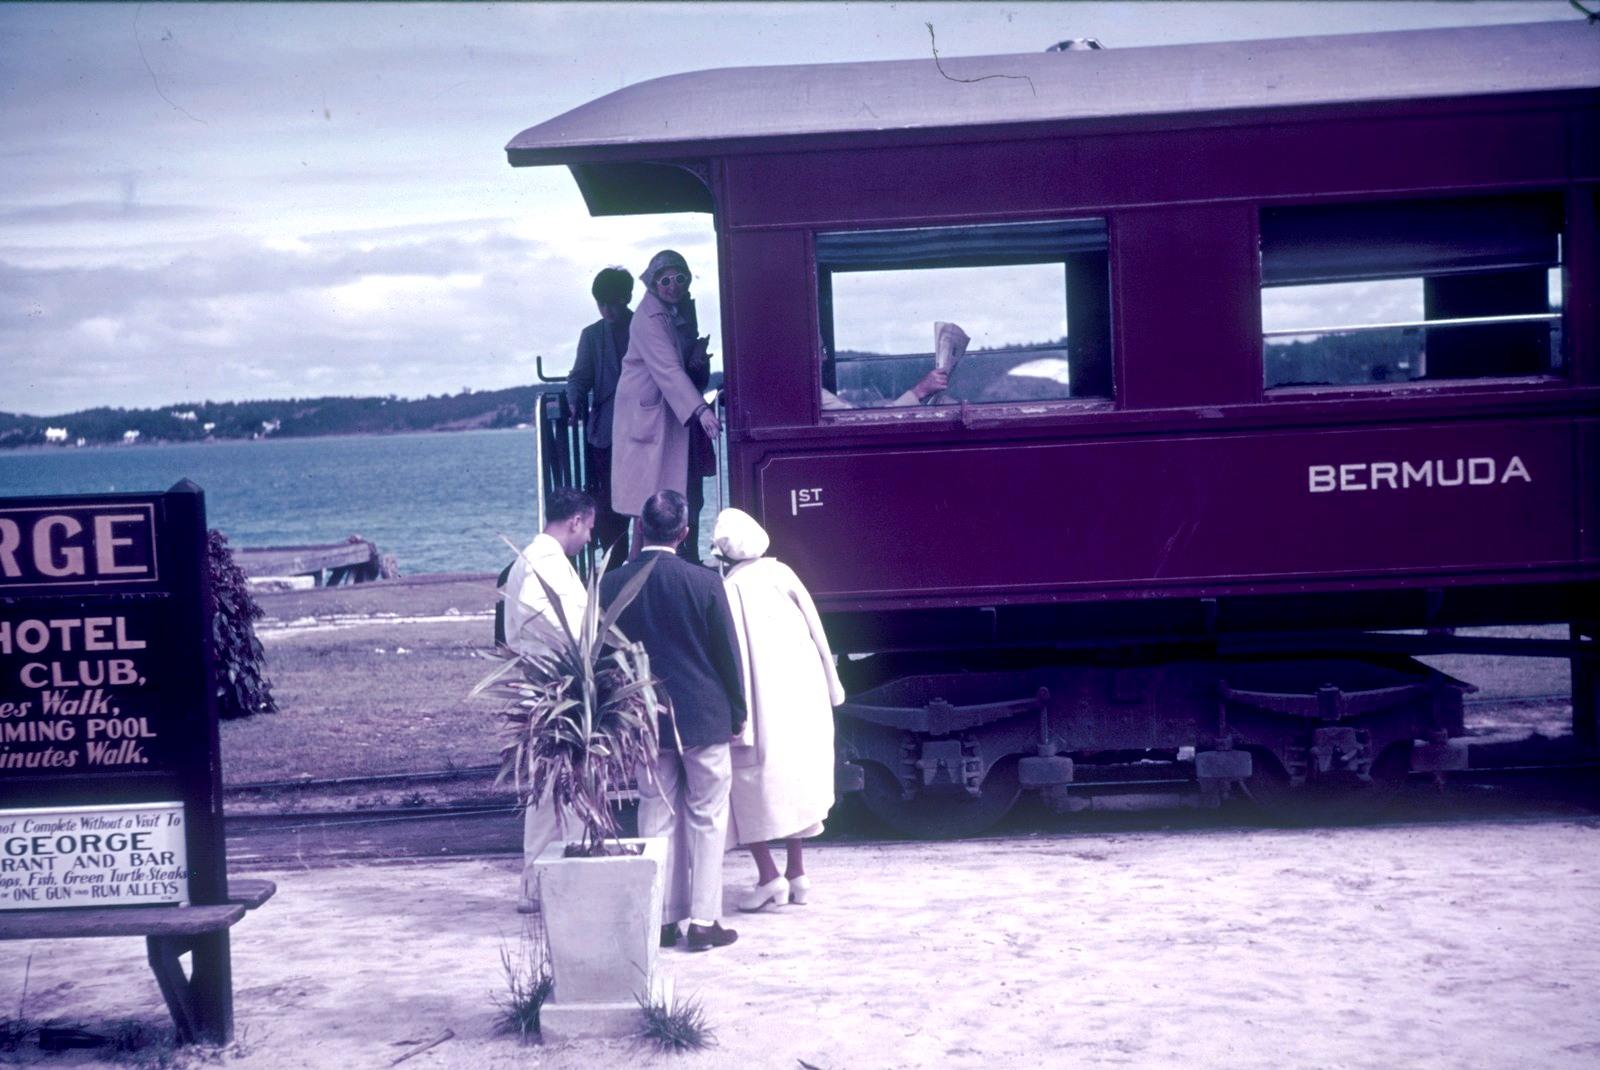 Бермудские острова.  Гамильтон. Платформа поезда на Бермудской железной дороге